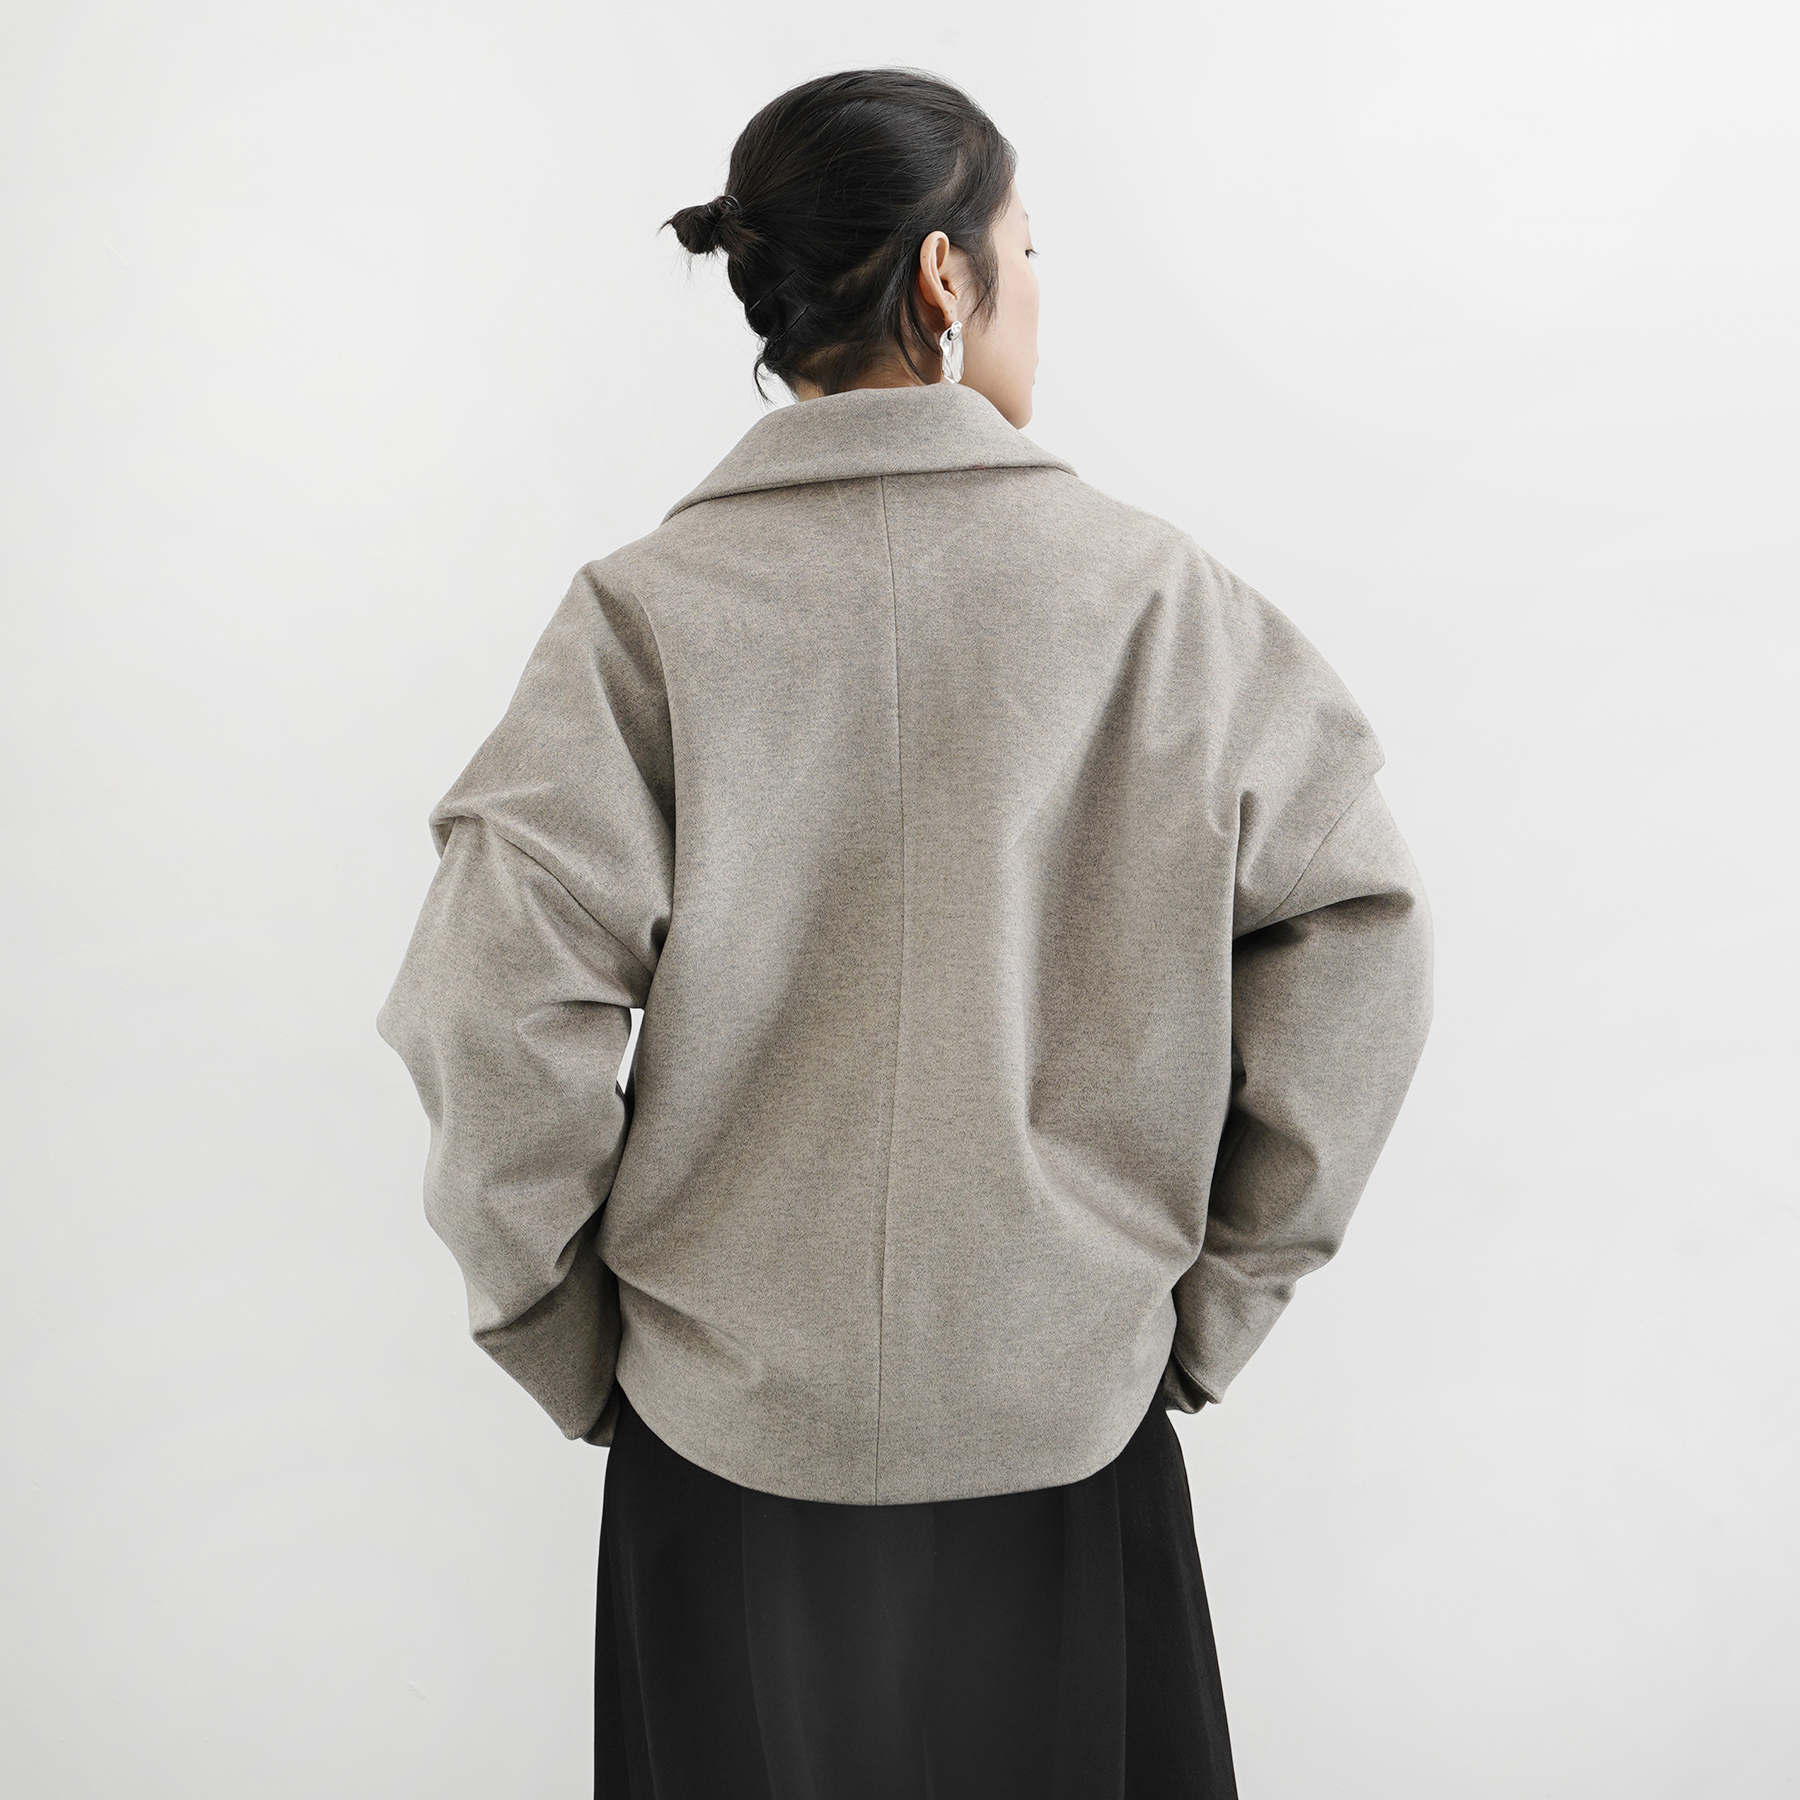 明天藝術家18A/W 燕麦灰两件式廓形夹棉短款呢外套